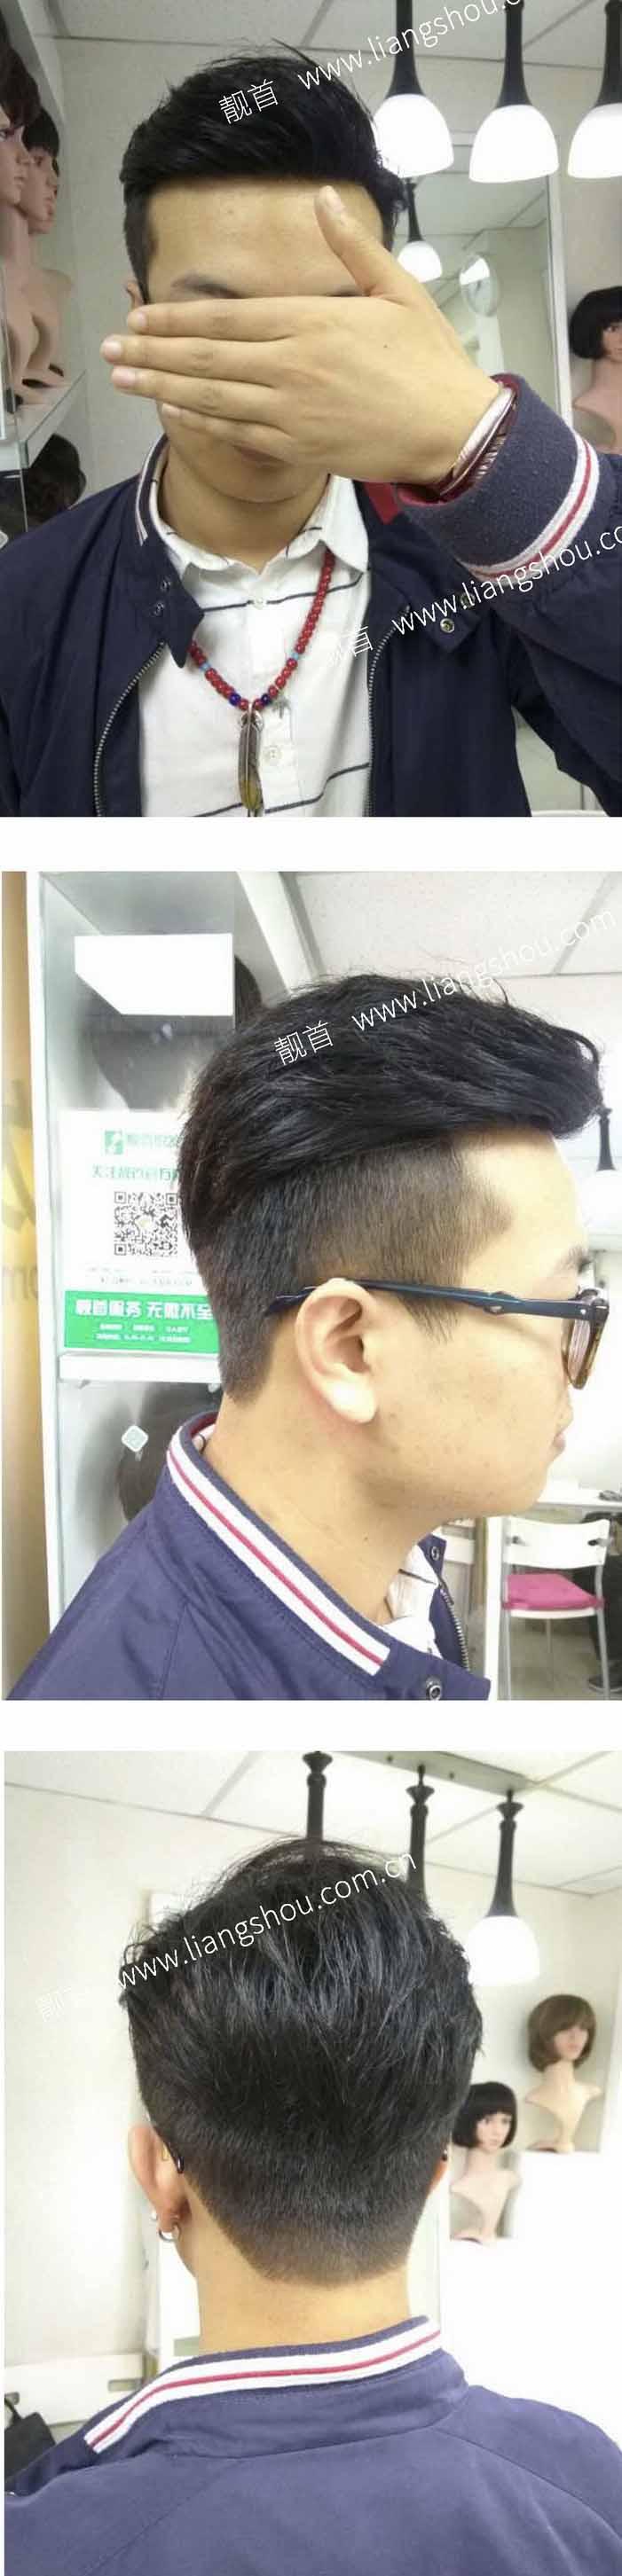 发际线-发块-局部-青年-男织发补发案例图